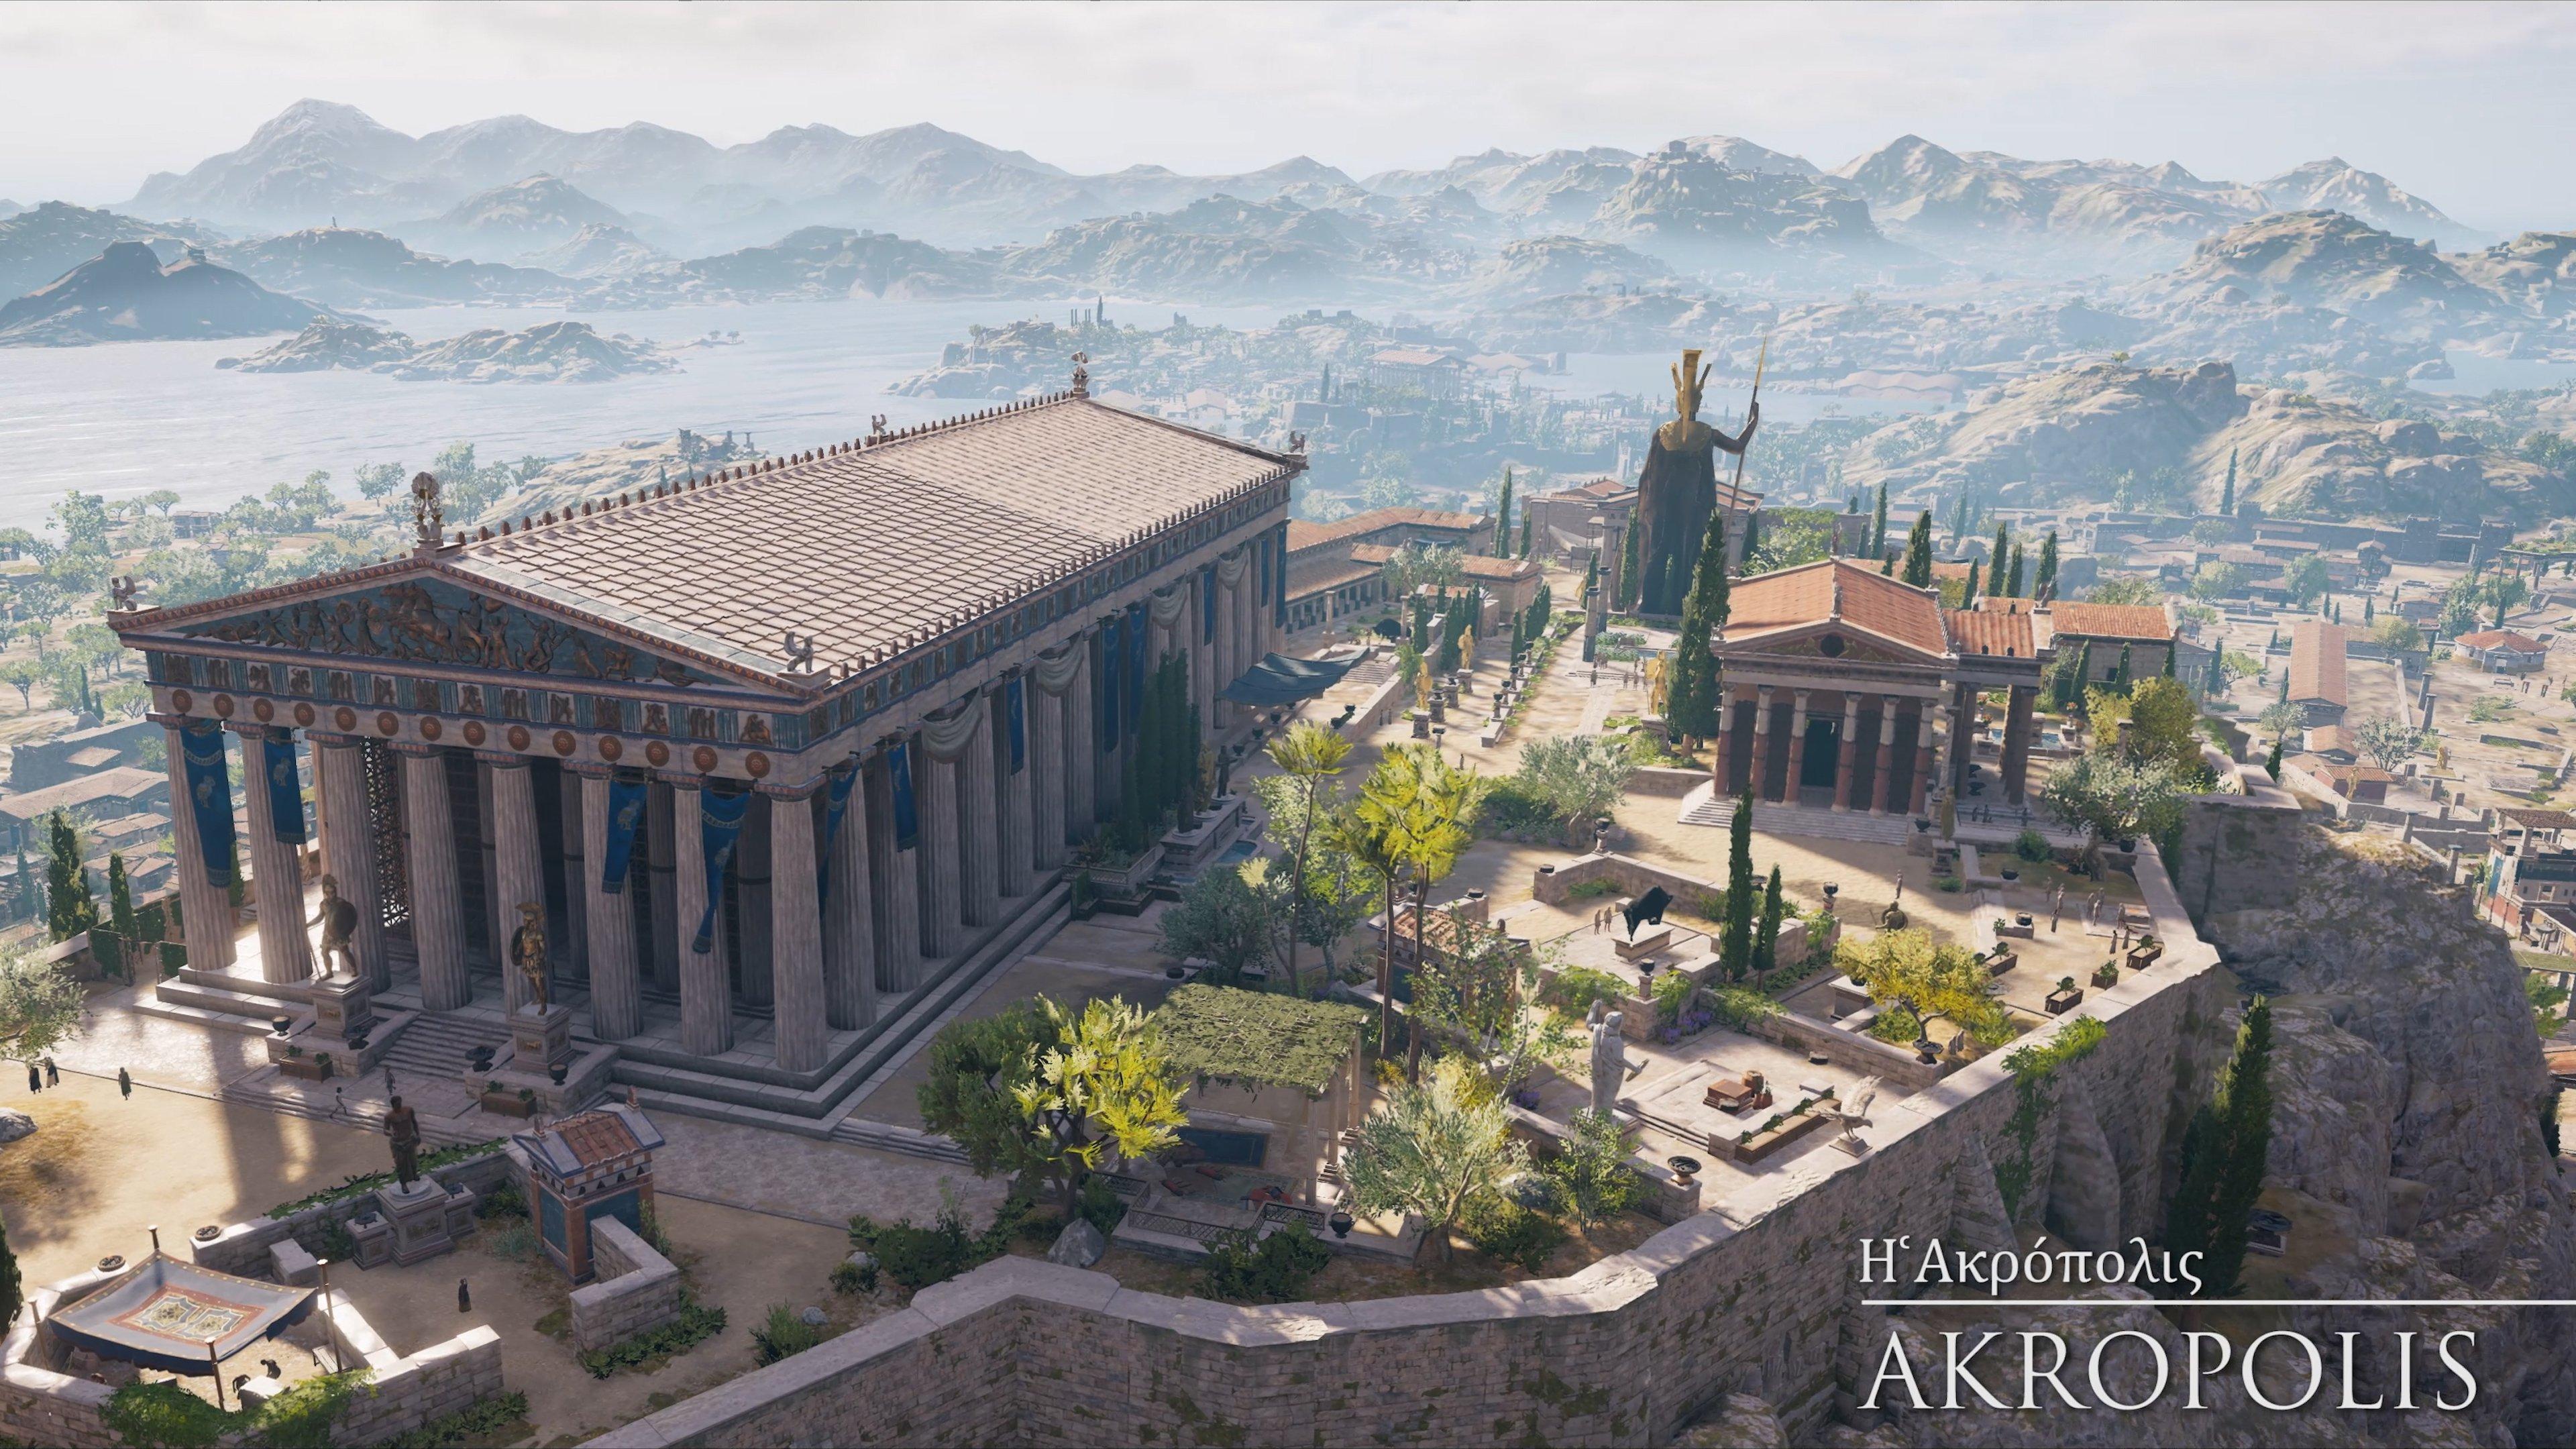 athenstour-14-akropolis01-1534347045930